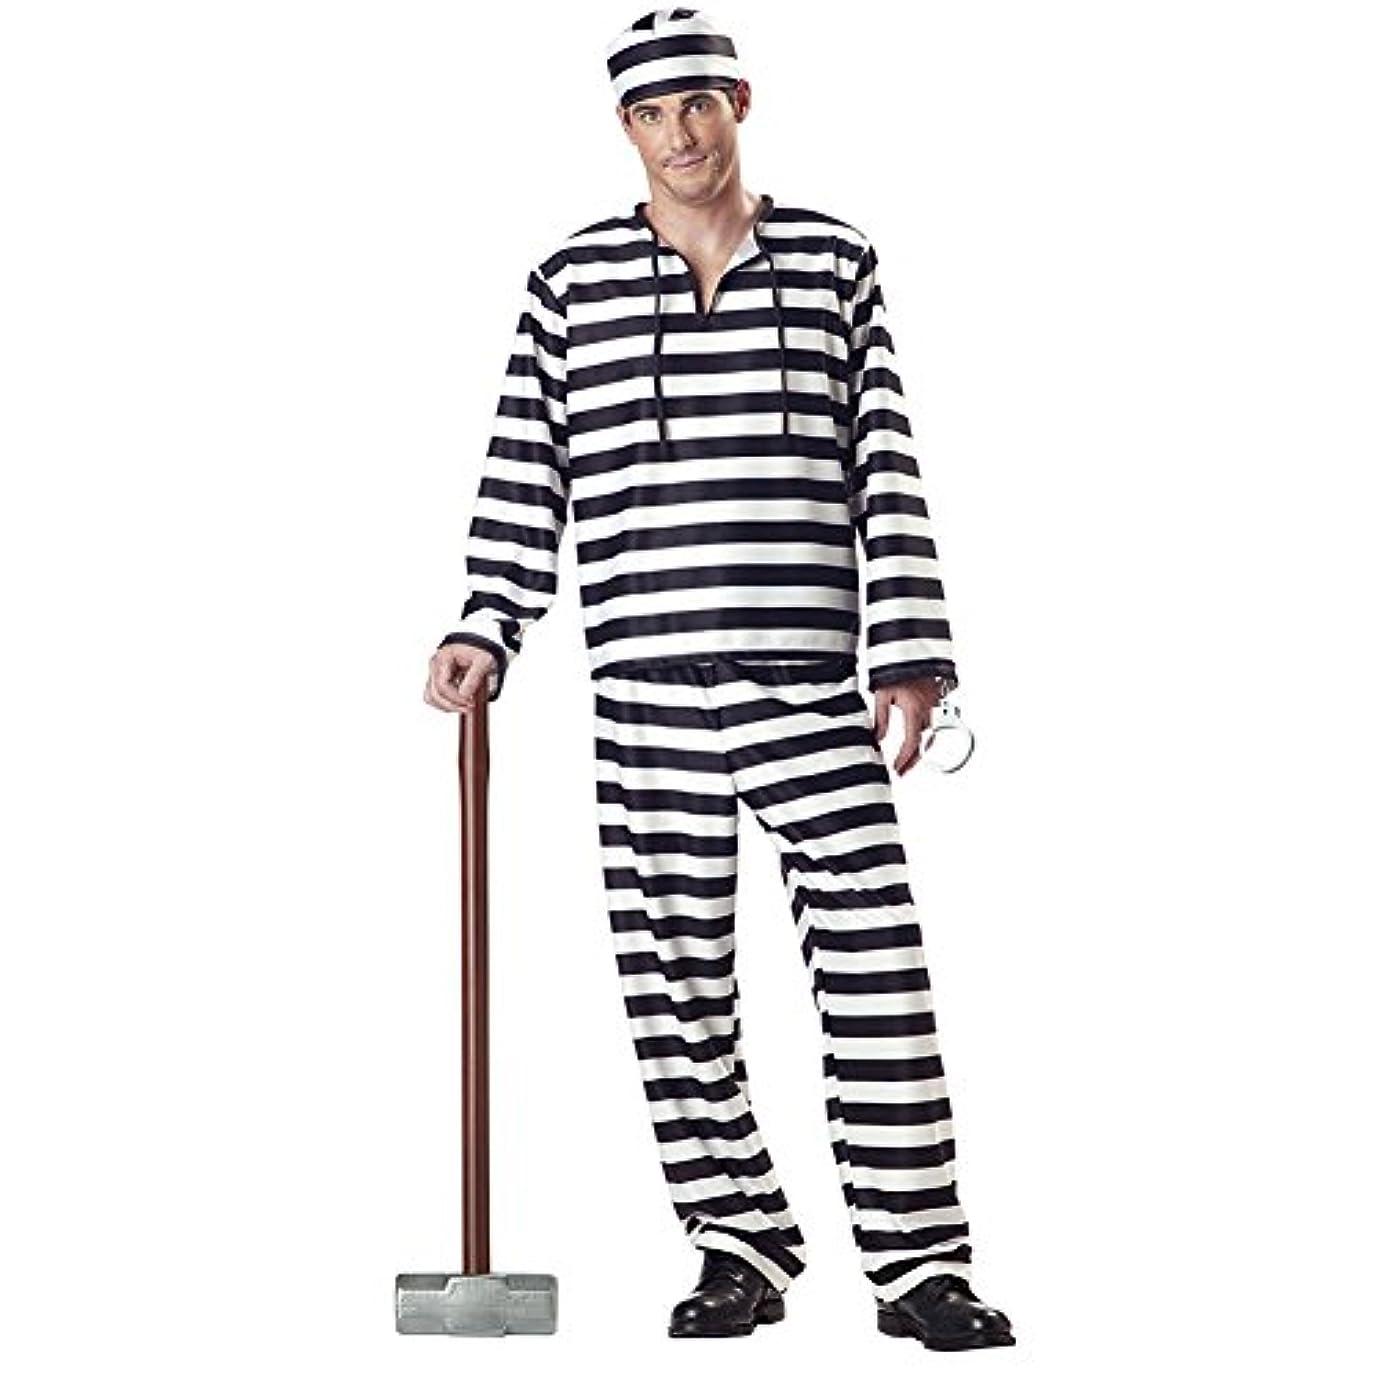 に頼るリップみがきますCalifornia Costume 囚人 プリズナー コスチューム メンズ Lサイズ 00801